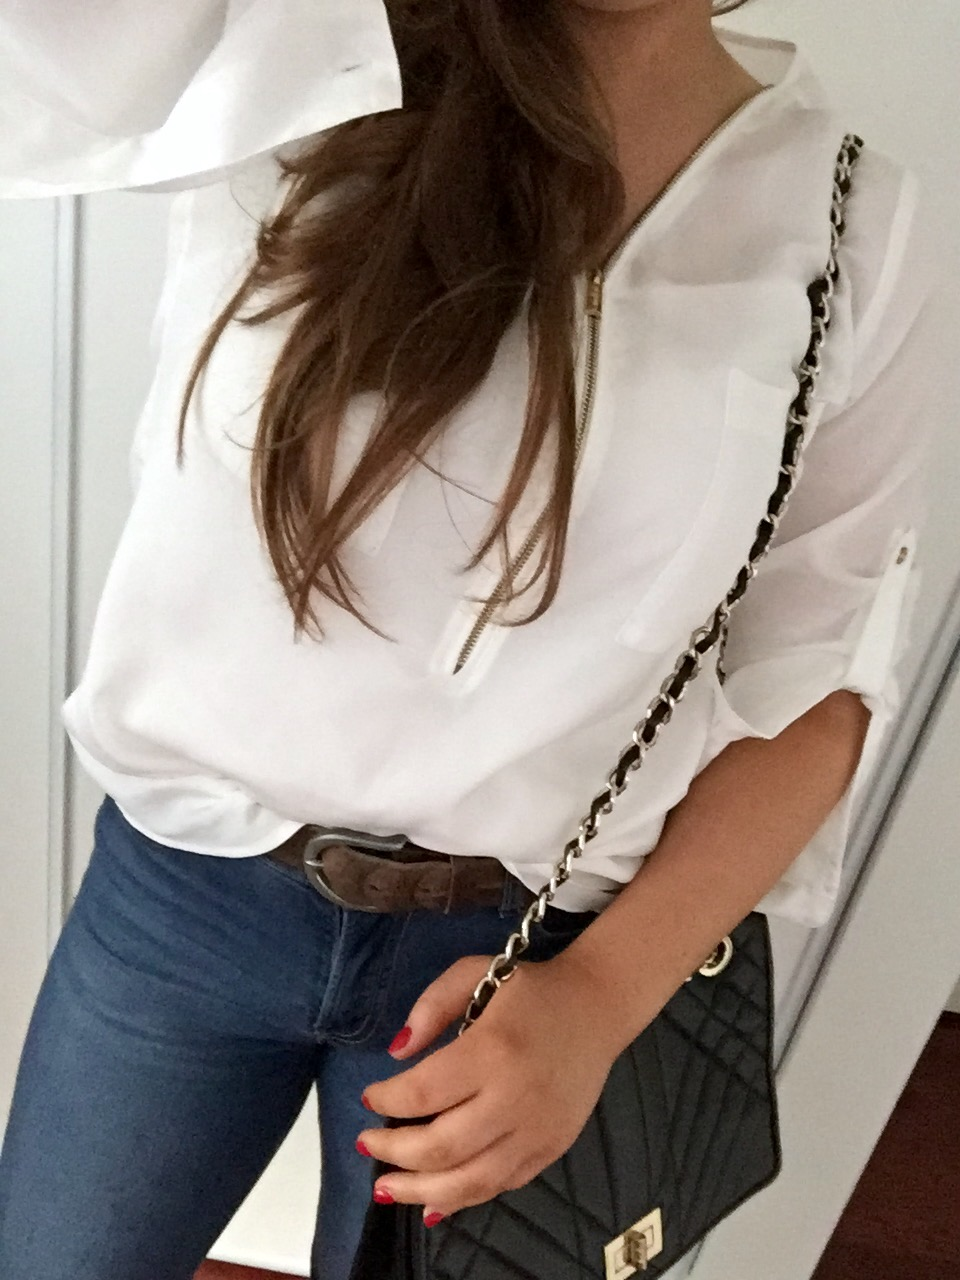 OOTD: Zipper Collar